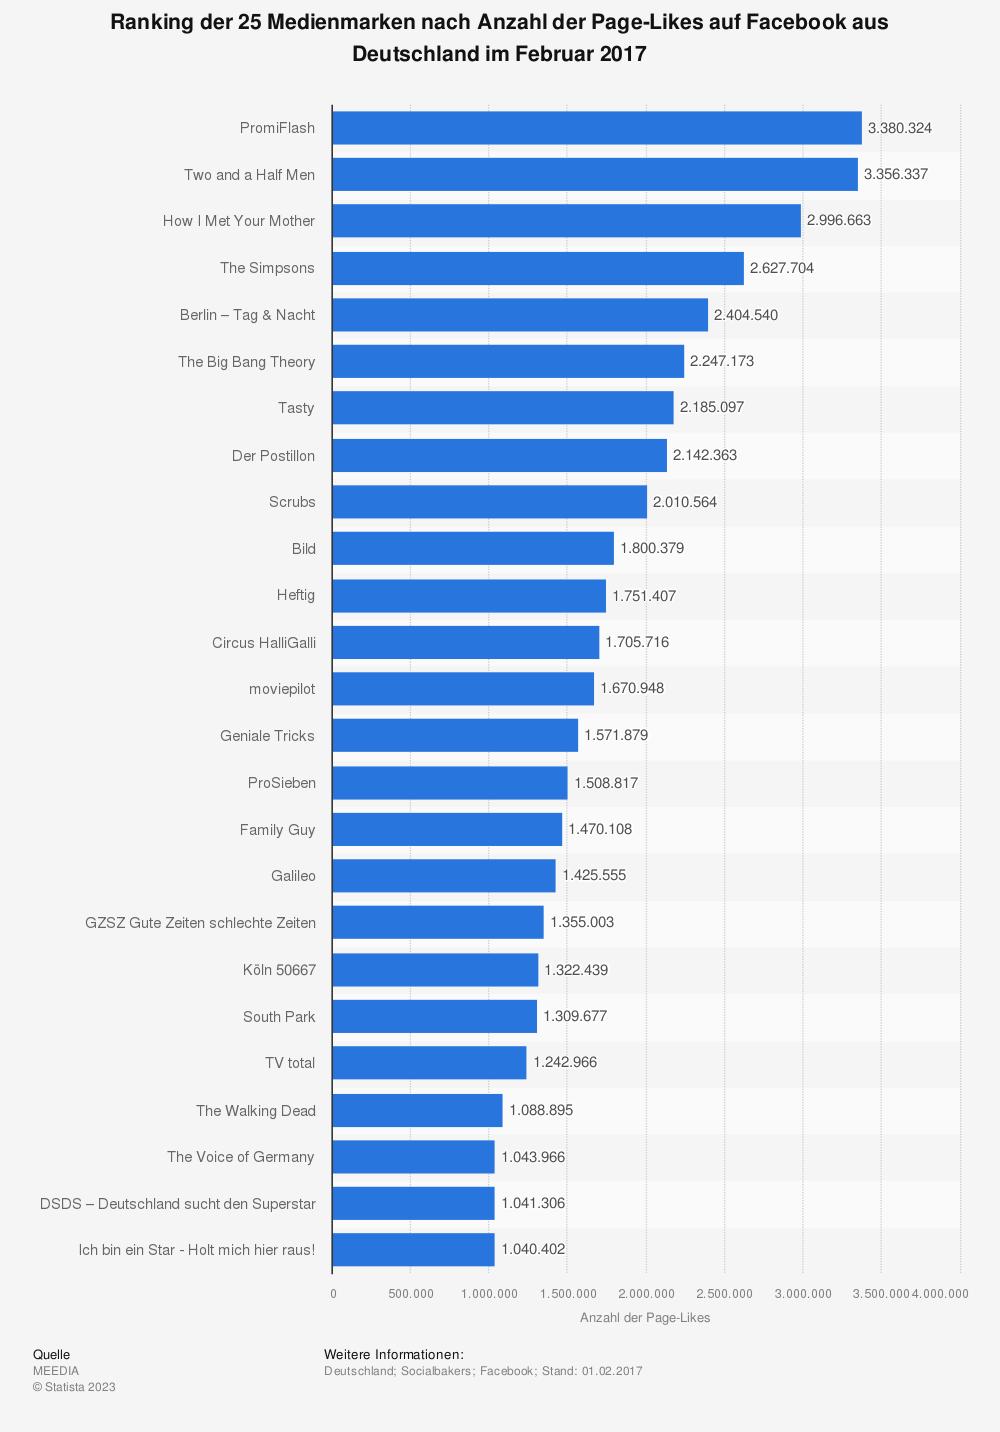 Statistik: Ranking der 25 Medienmarken nach Anzahl der Page-Likes auf Facebook aus Deutschland im Februar 2017 | Statista